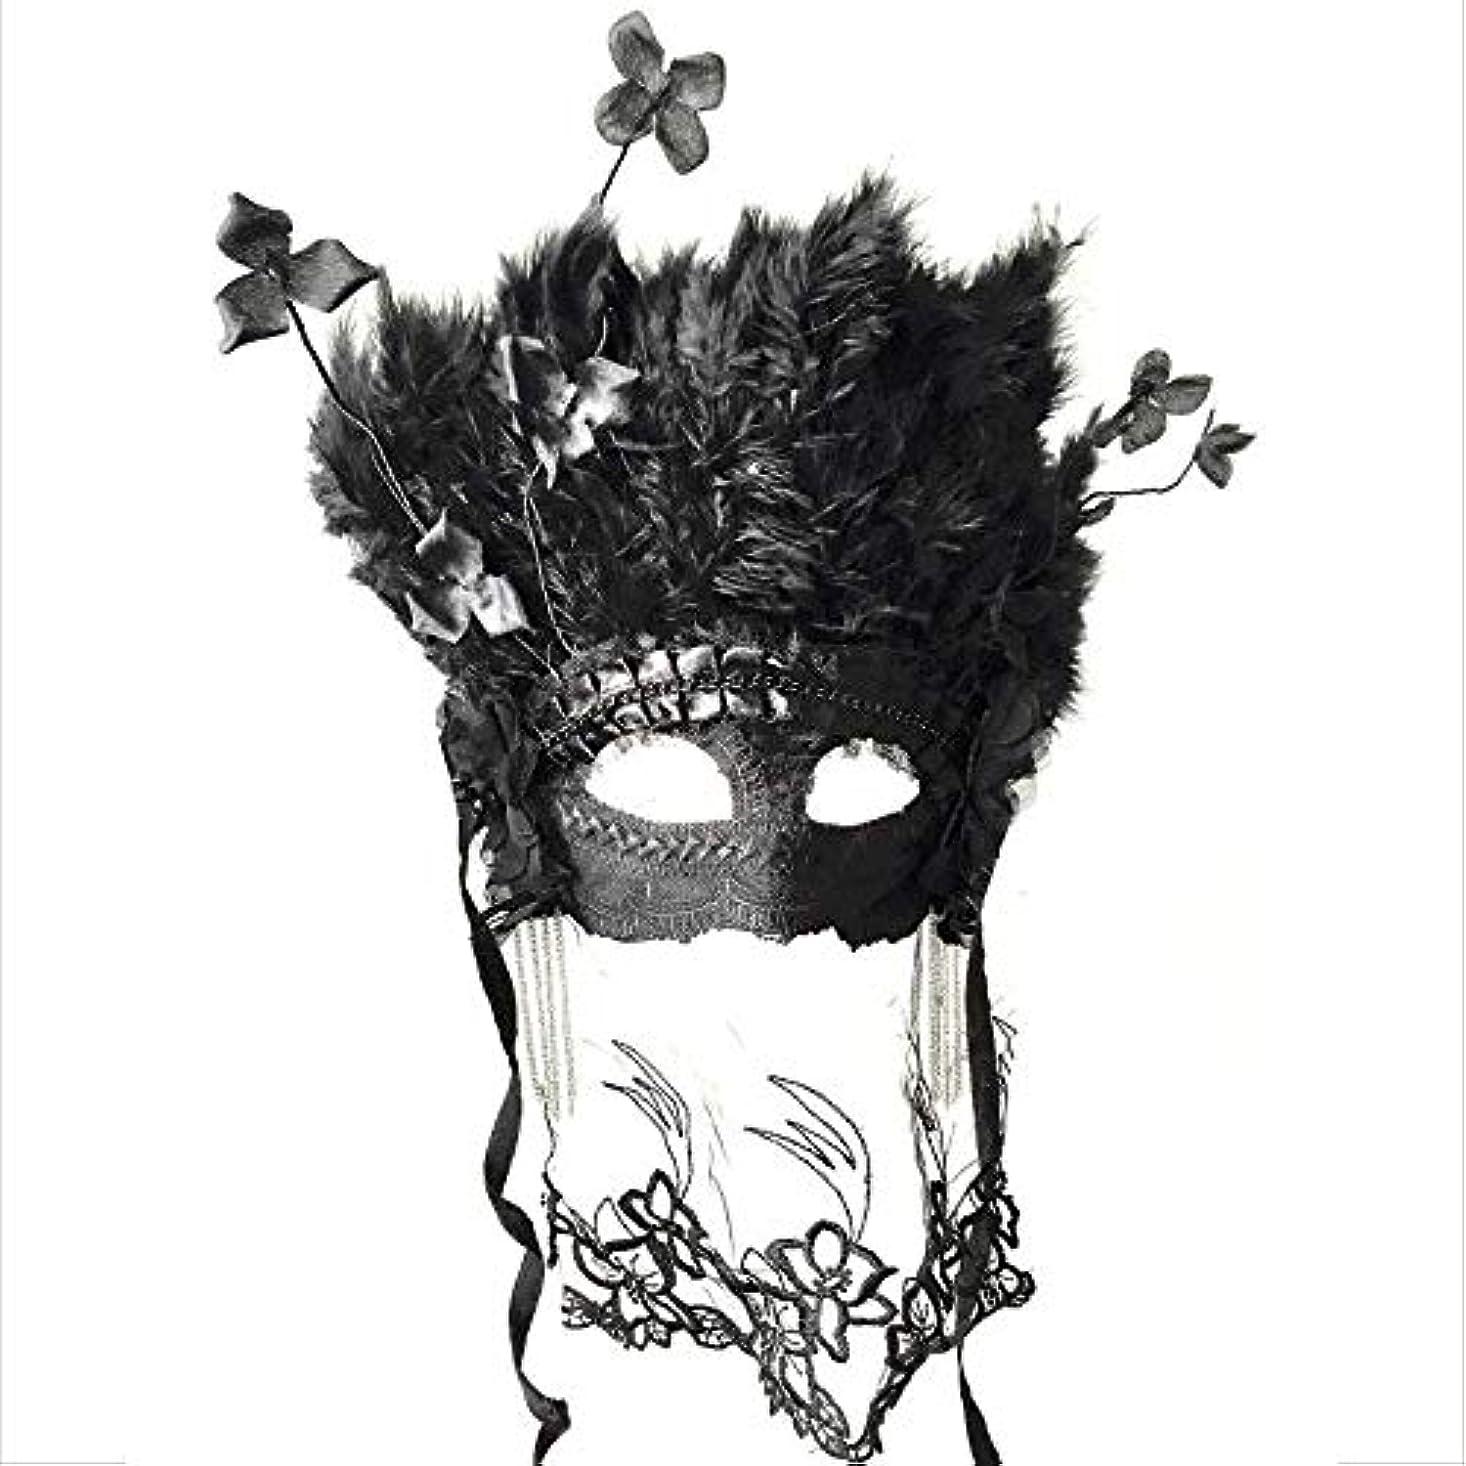 ジャケット交響曲下手Nanle ハロウィンクリスマスベールドライフラワーフェザータッセルマスク仮装マスクレディミスプリンセス美容祭パーティーデコレーションマスク